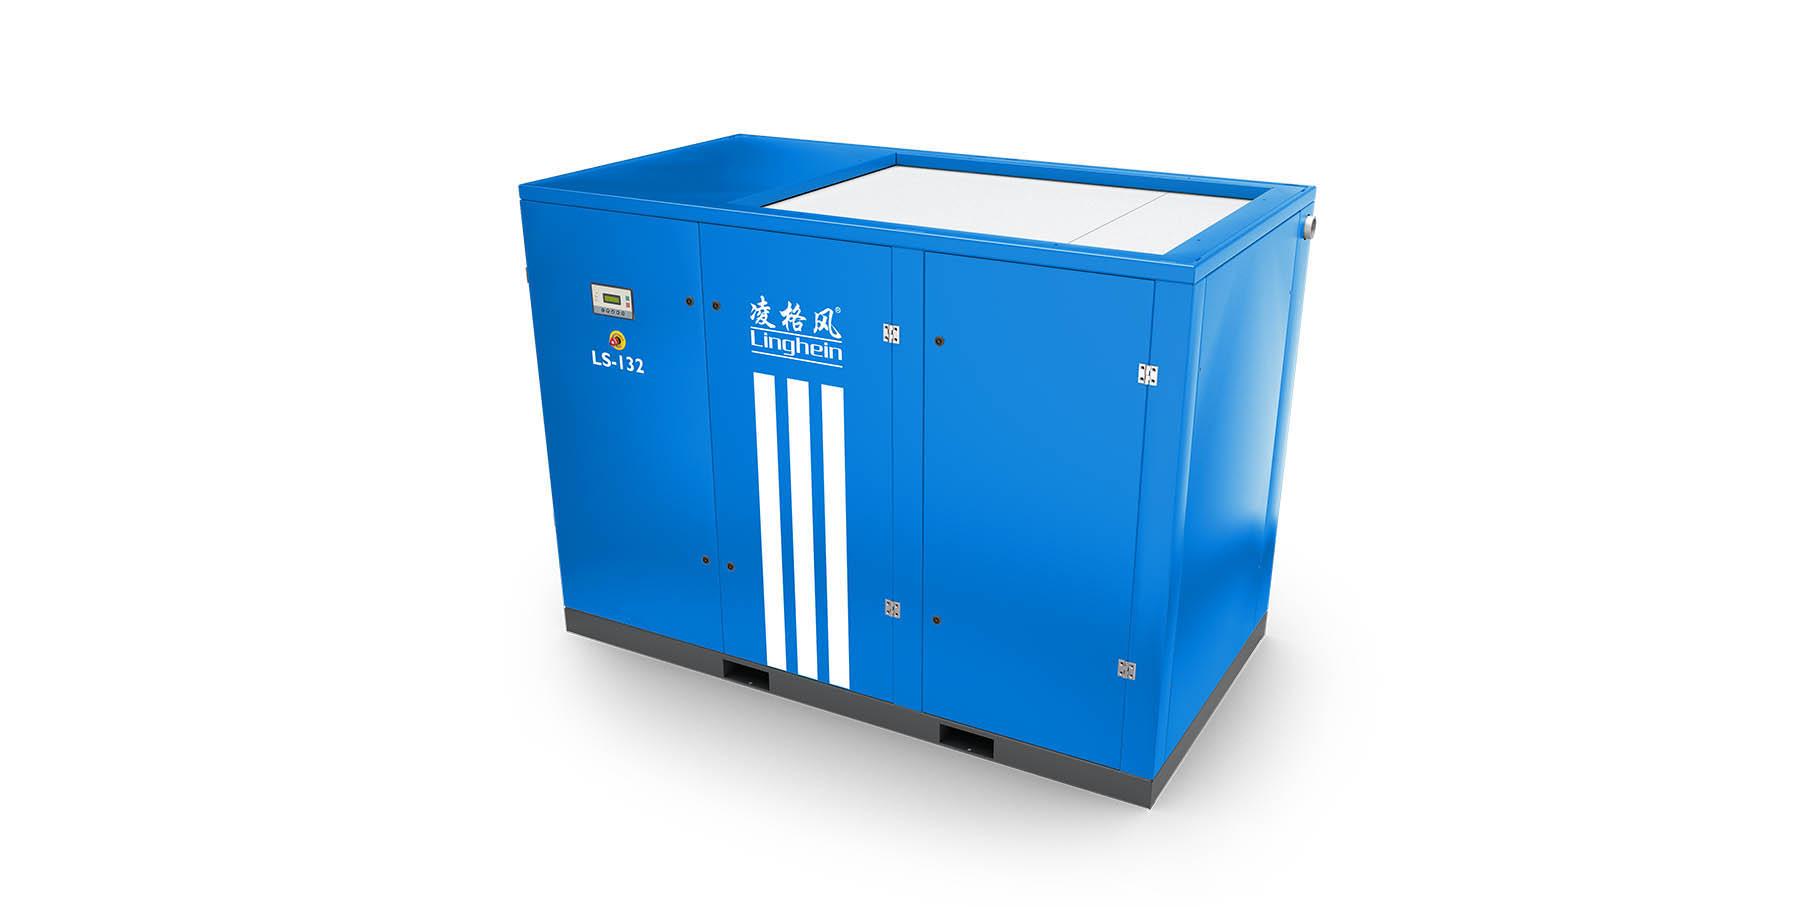 山東壓縮機產品介紹 值得信賴 上海凌格風氣體技術供應